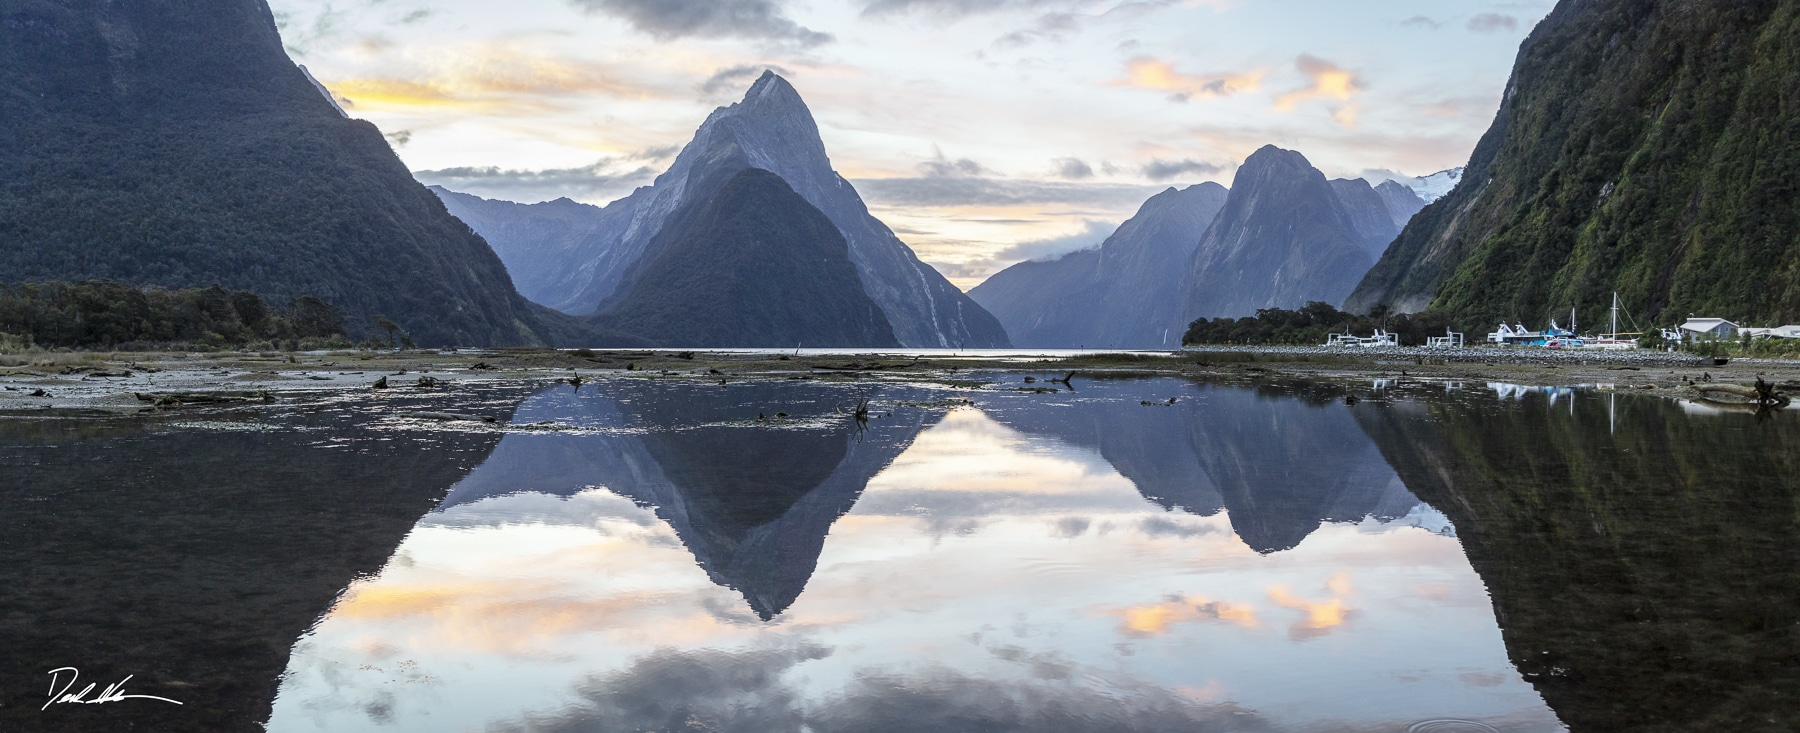 New Zealand sound